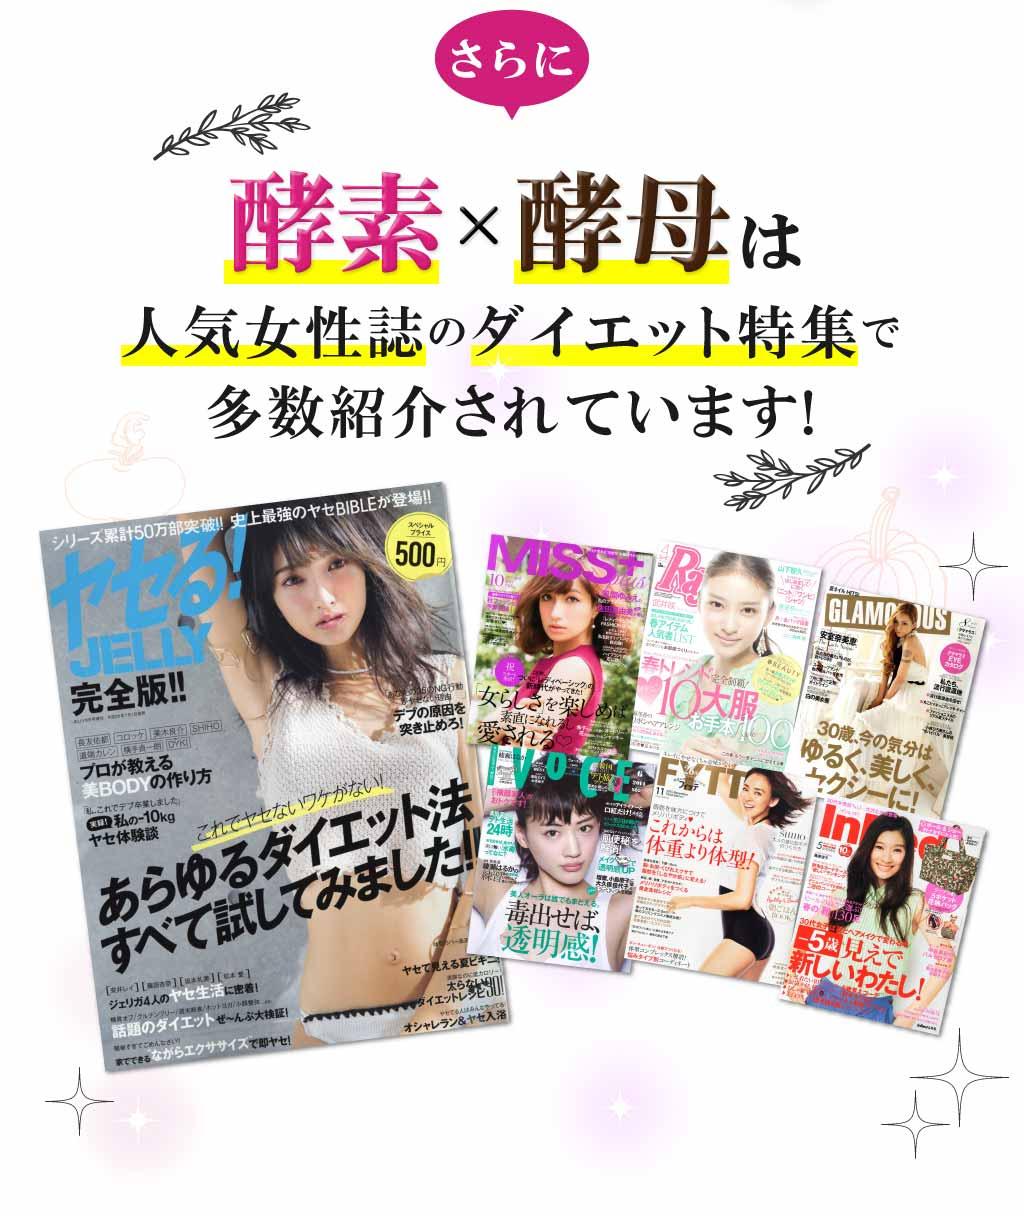 酵素×酵母は人気女性誌のダイエット特集で多数紹介されています!